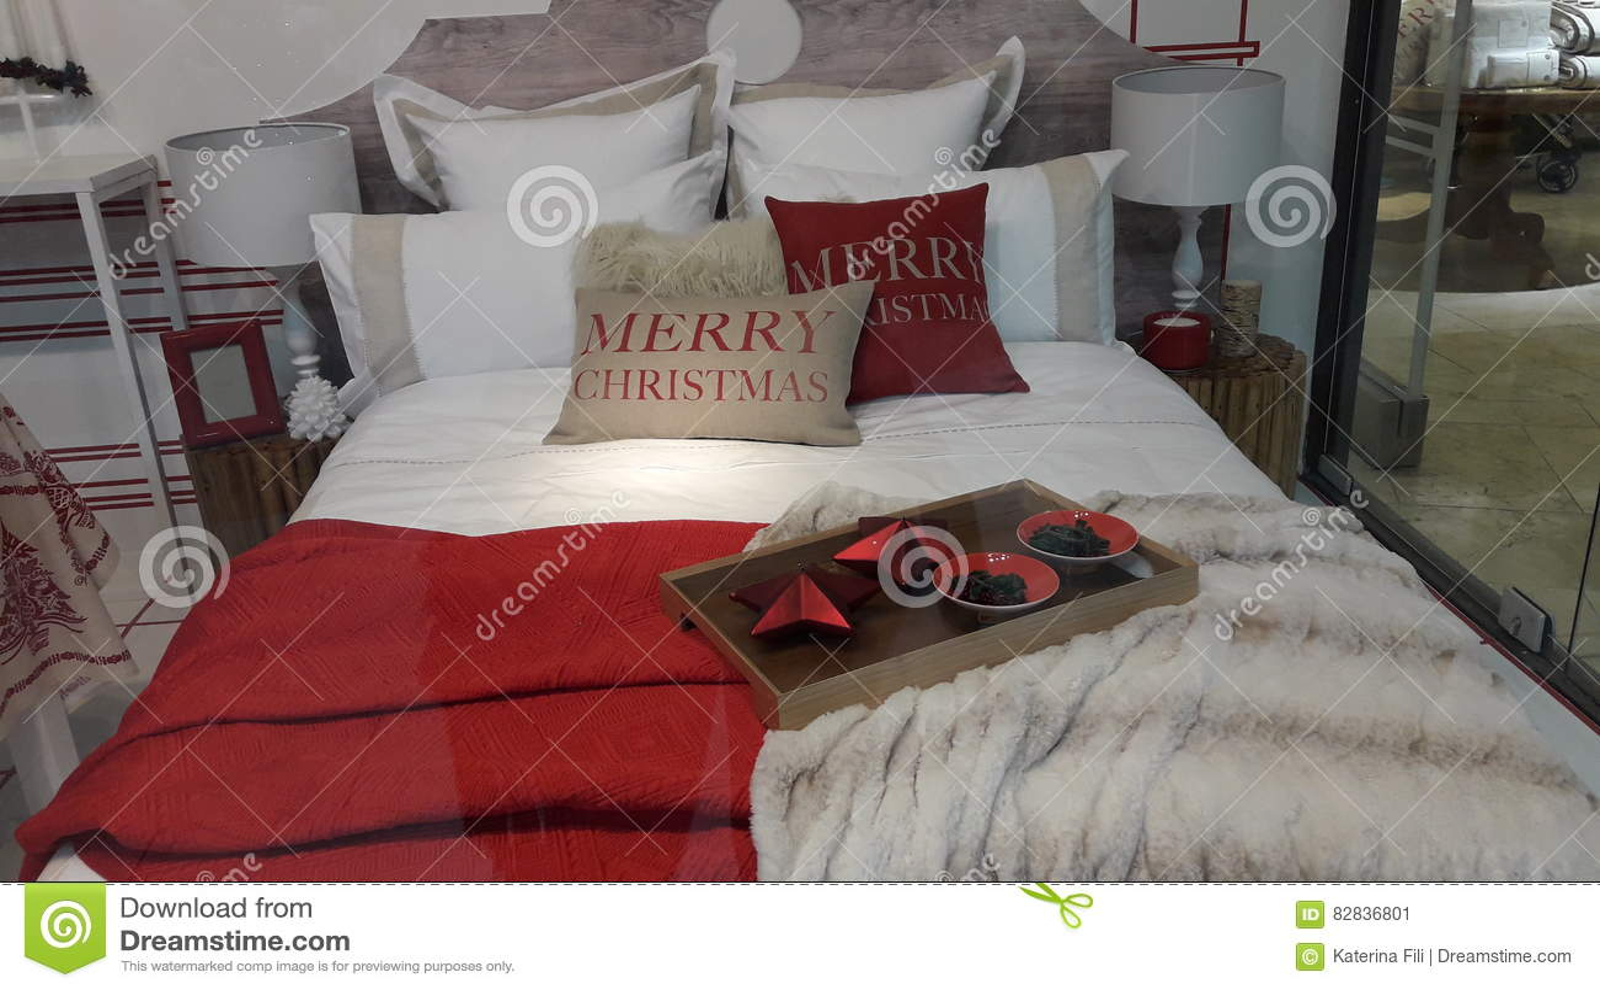 Decoratie van slaapkamer komt de creatieve kerstmis dichte